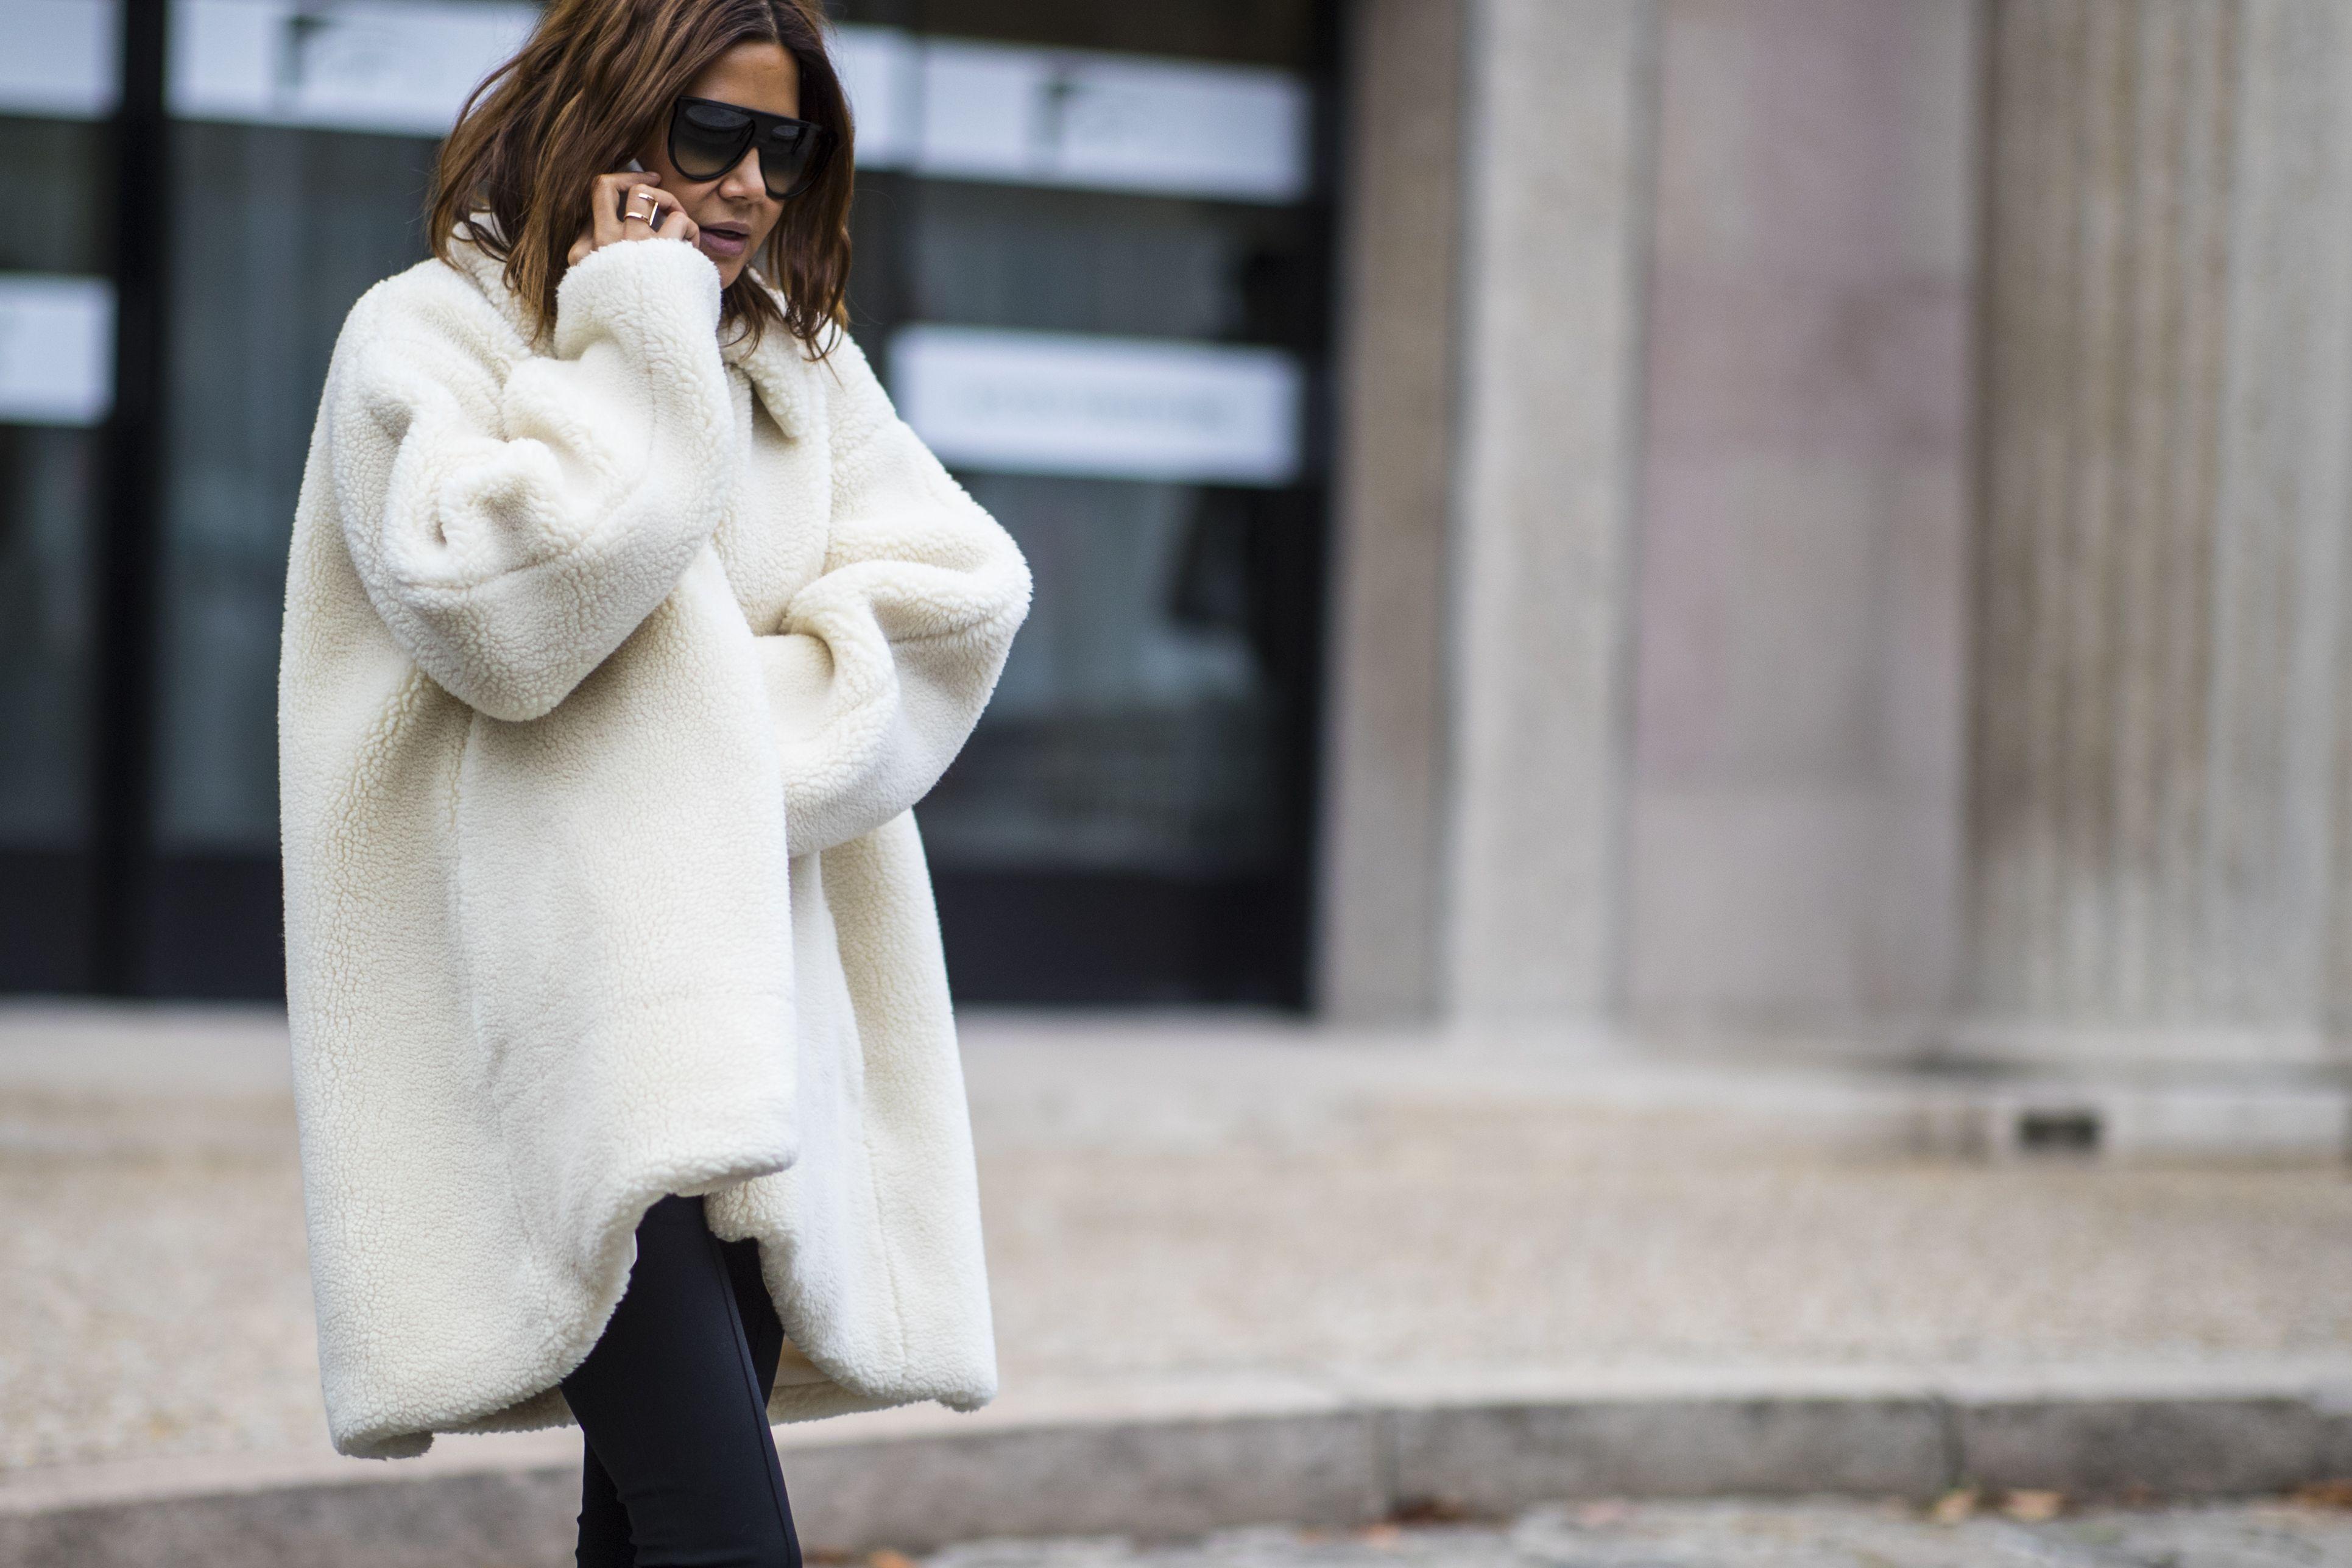 Evitare l'effetto posh osando l'eco pelliccia bianca è possibile